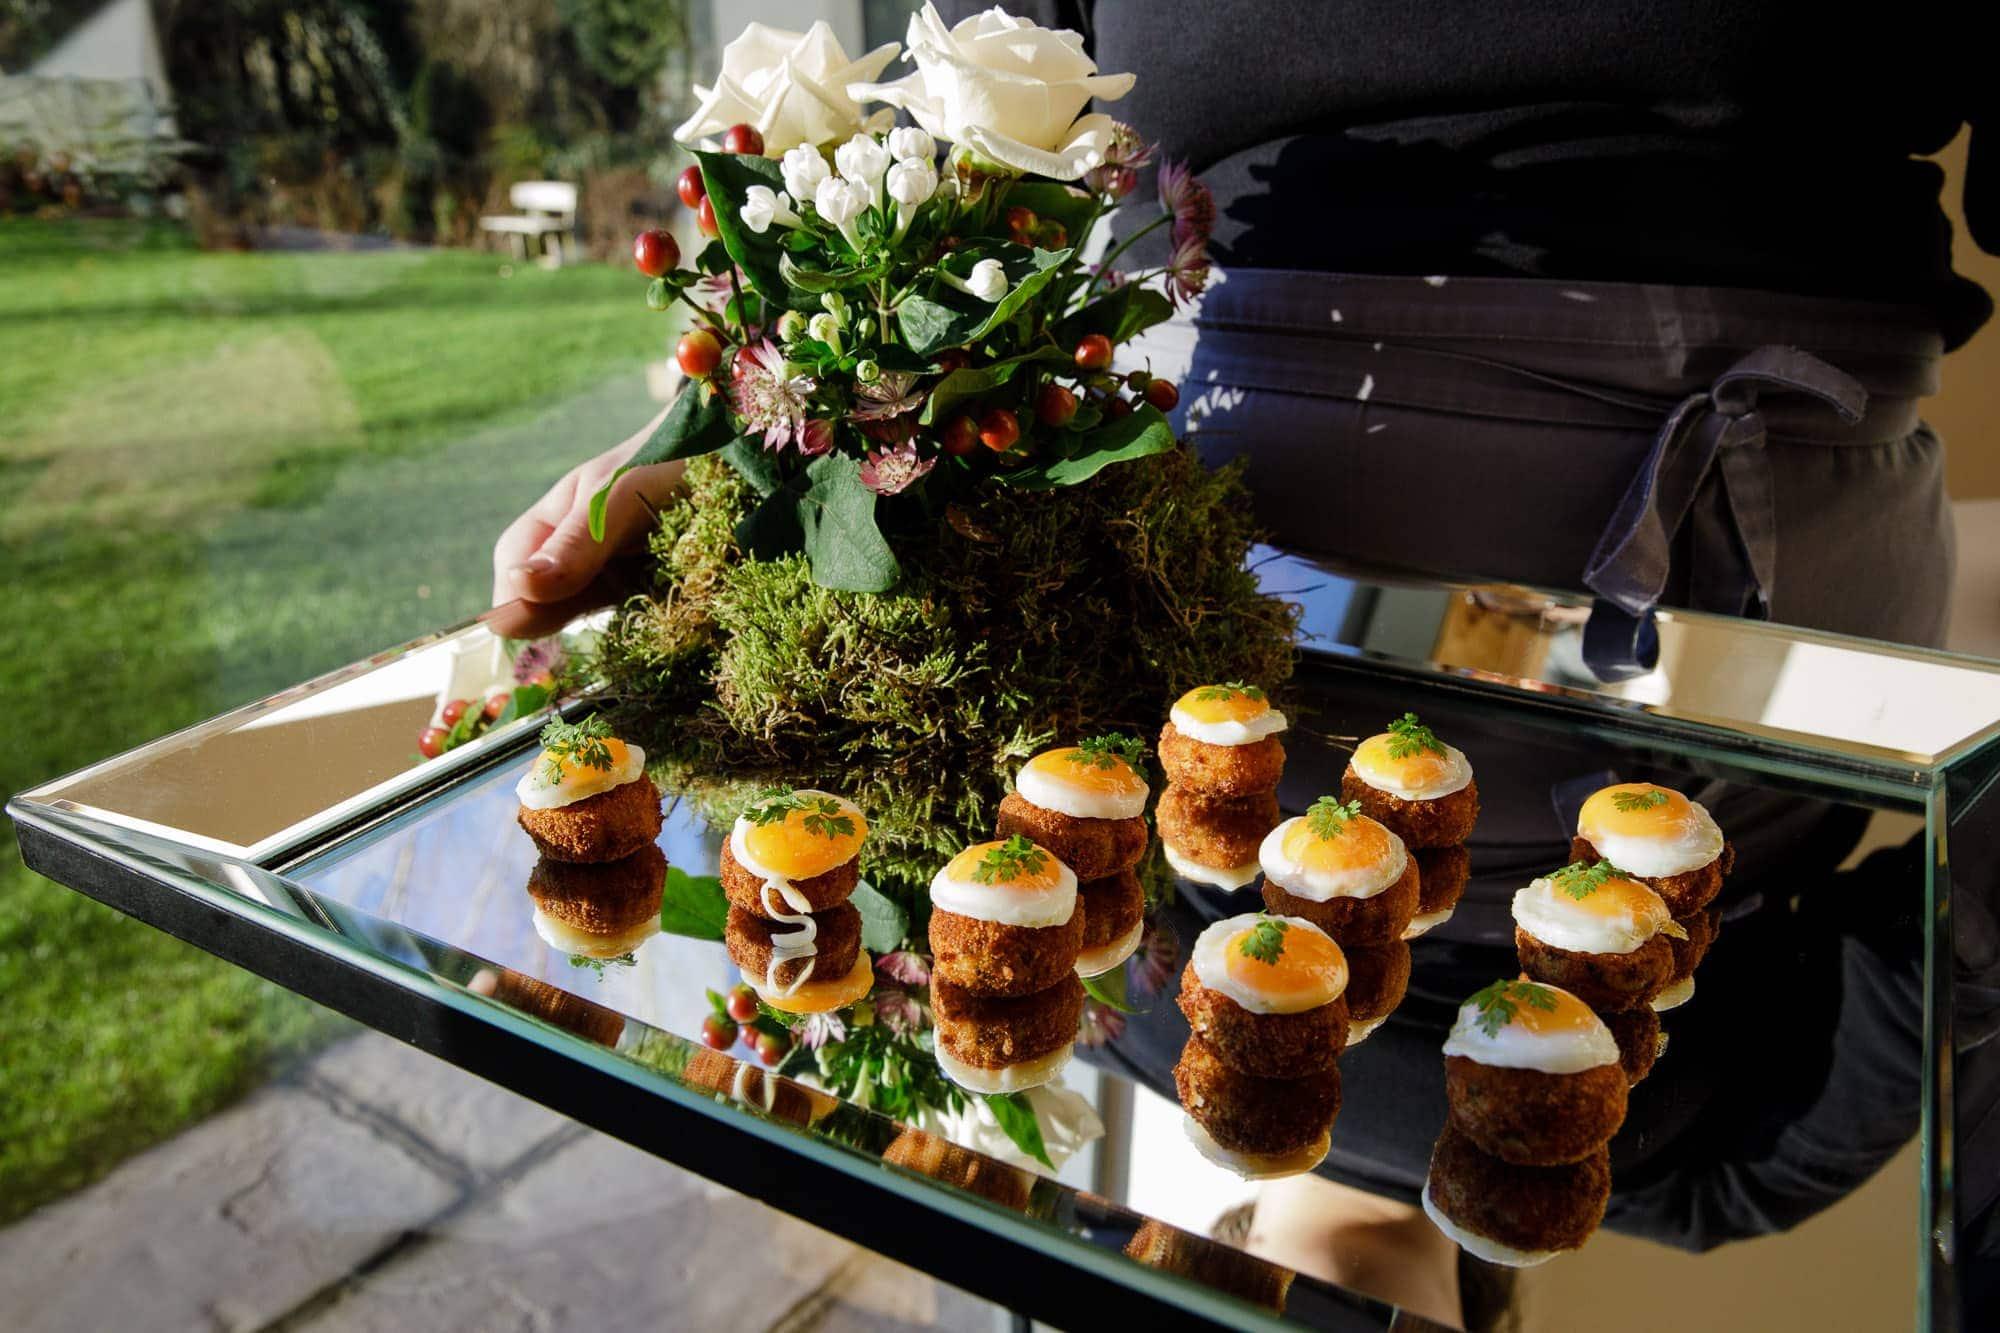 Wedding Catering by Kalm Kitchen at Millbridge Court Farnham Surrey